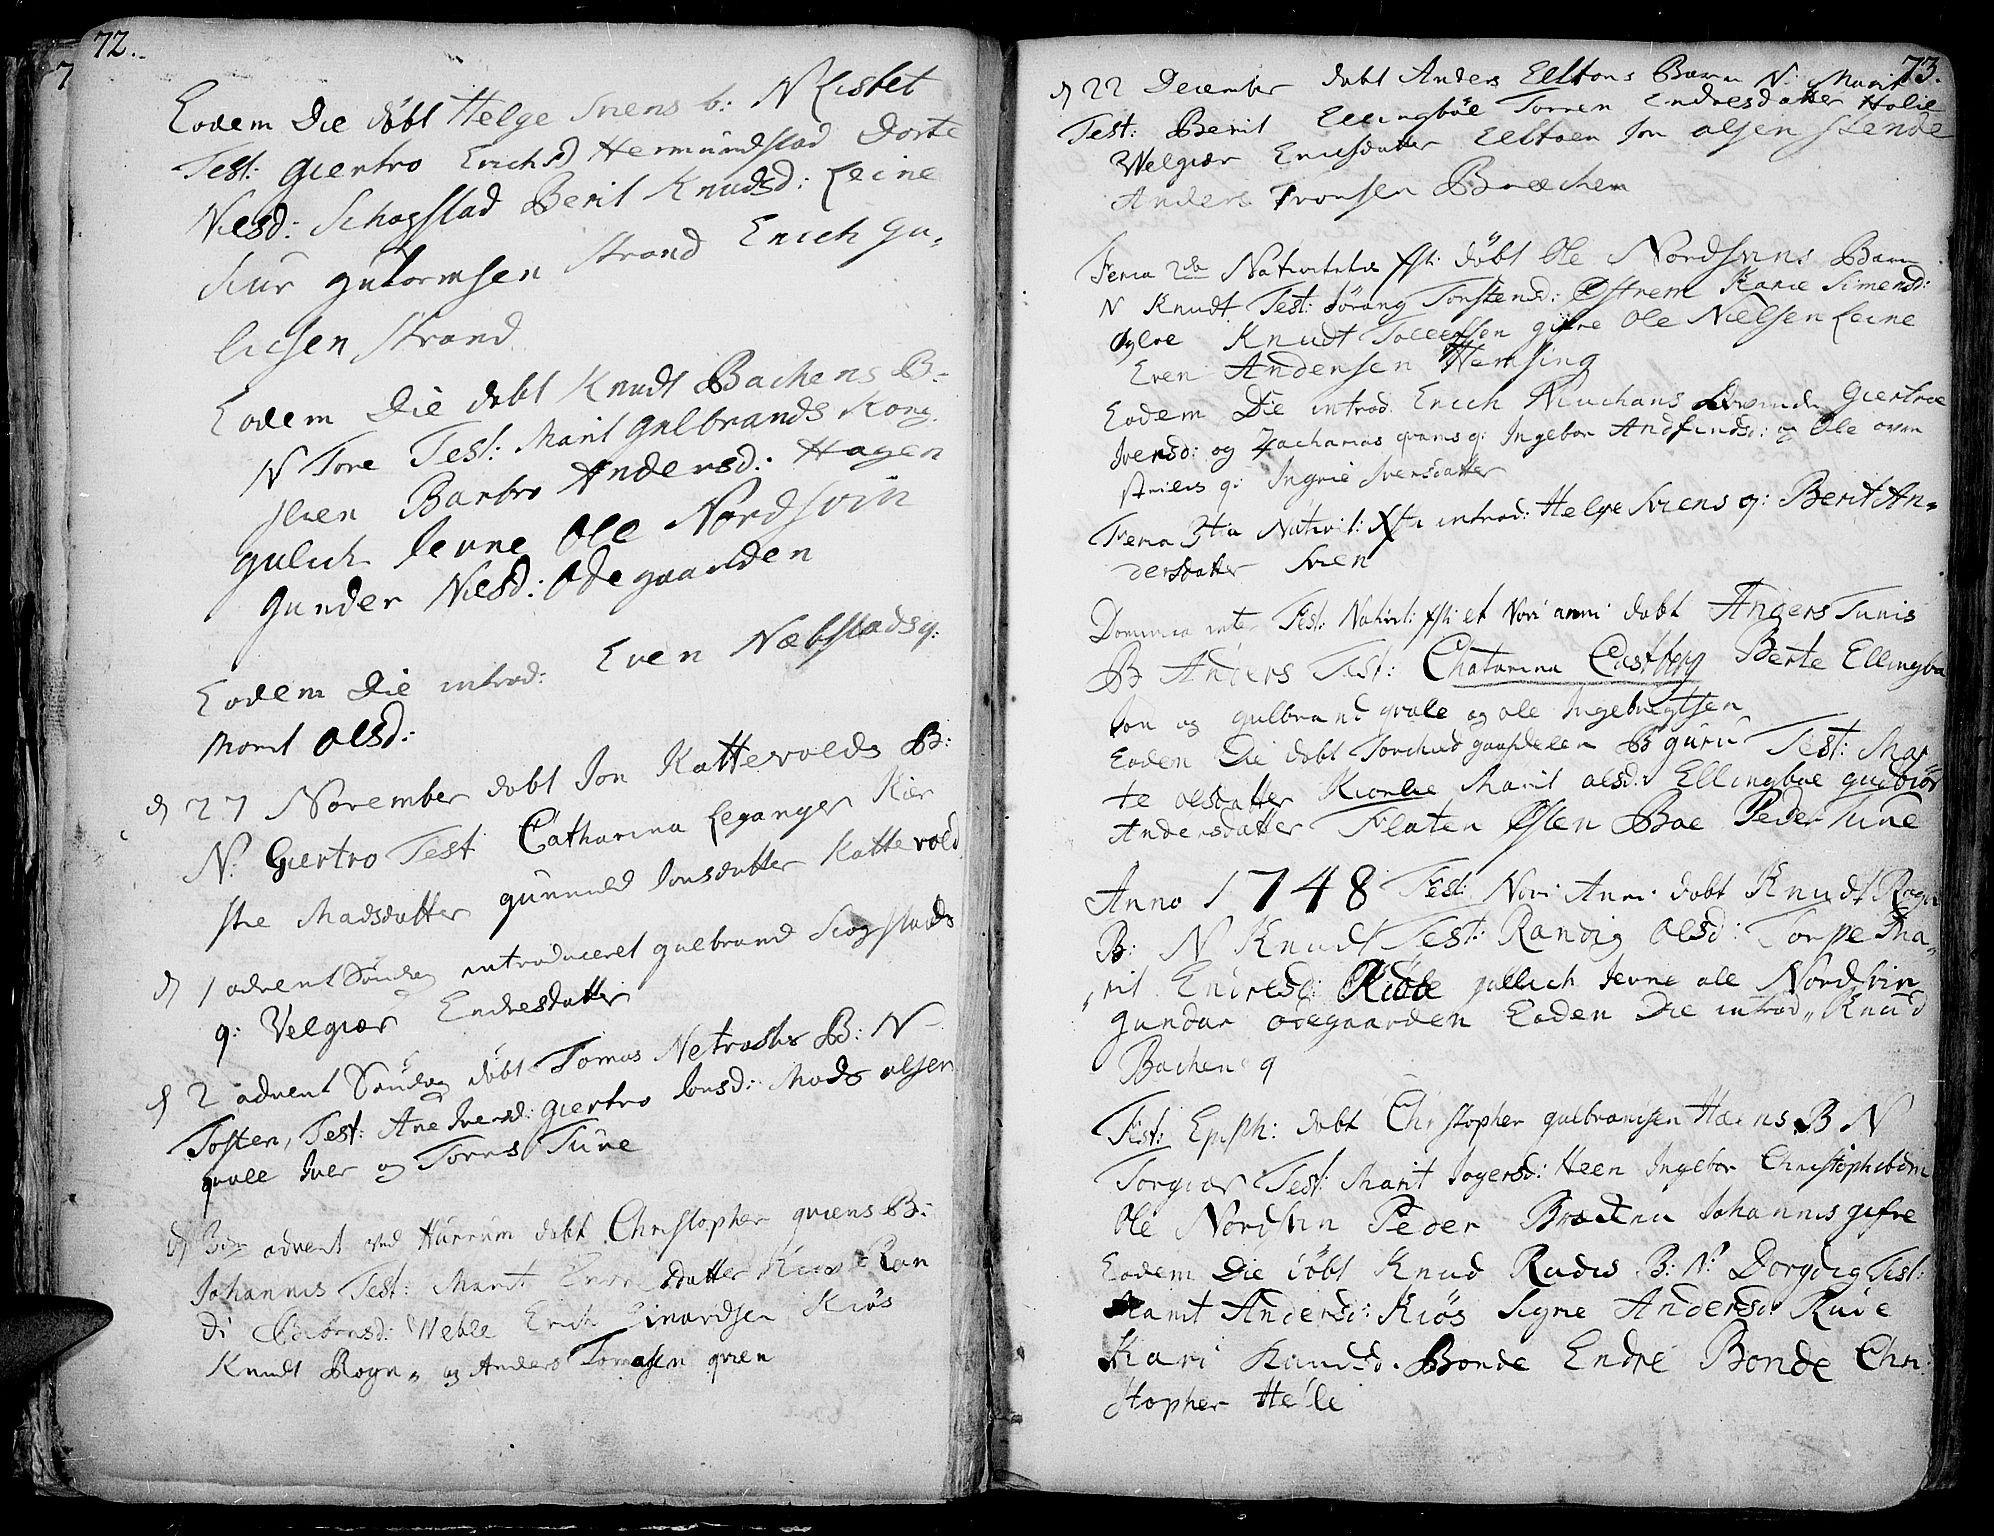 SAH, Vang prestekontor, Valdres, Ministerialbok nr. 1, 1730-1796, s. 72-73